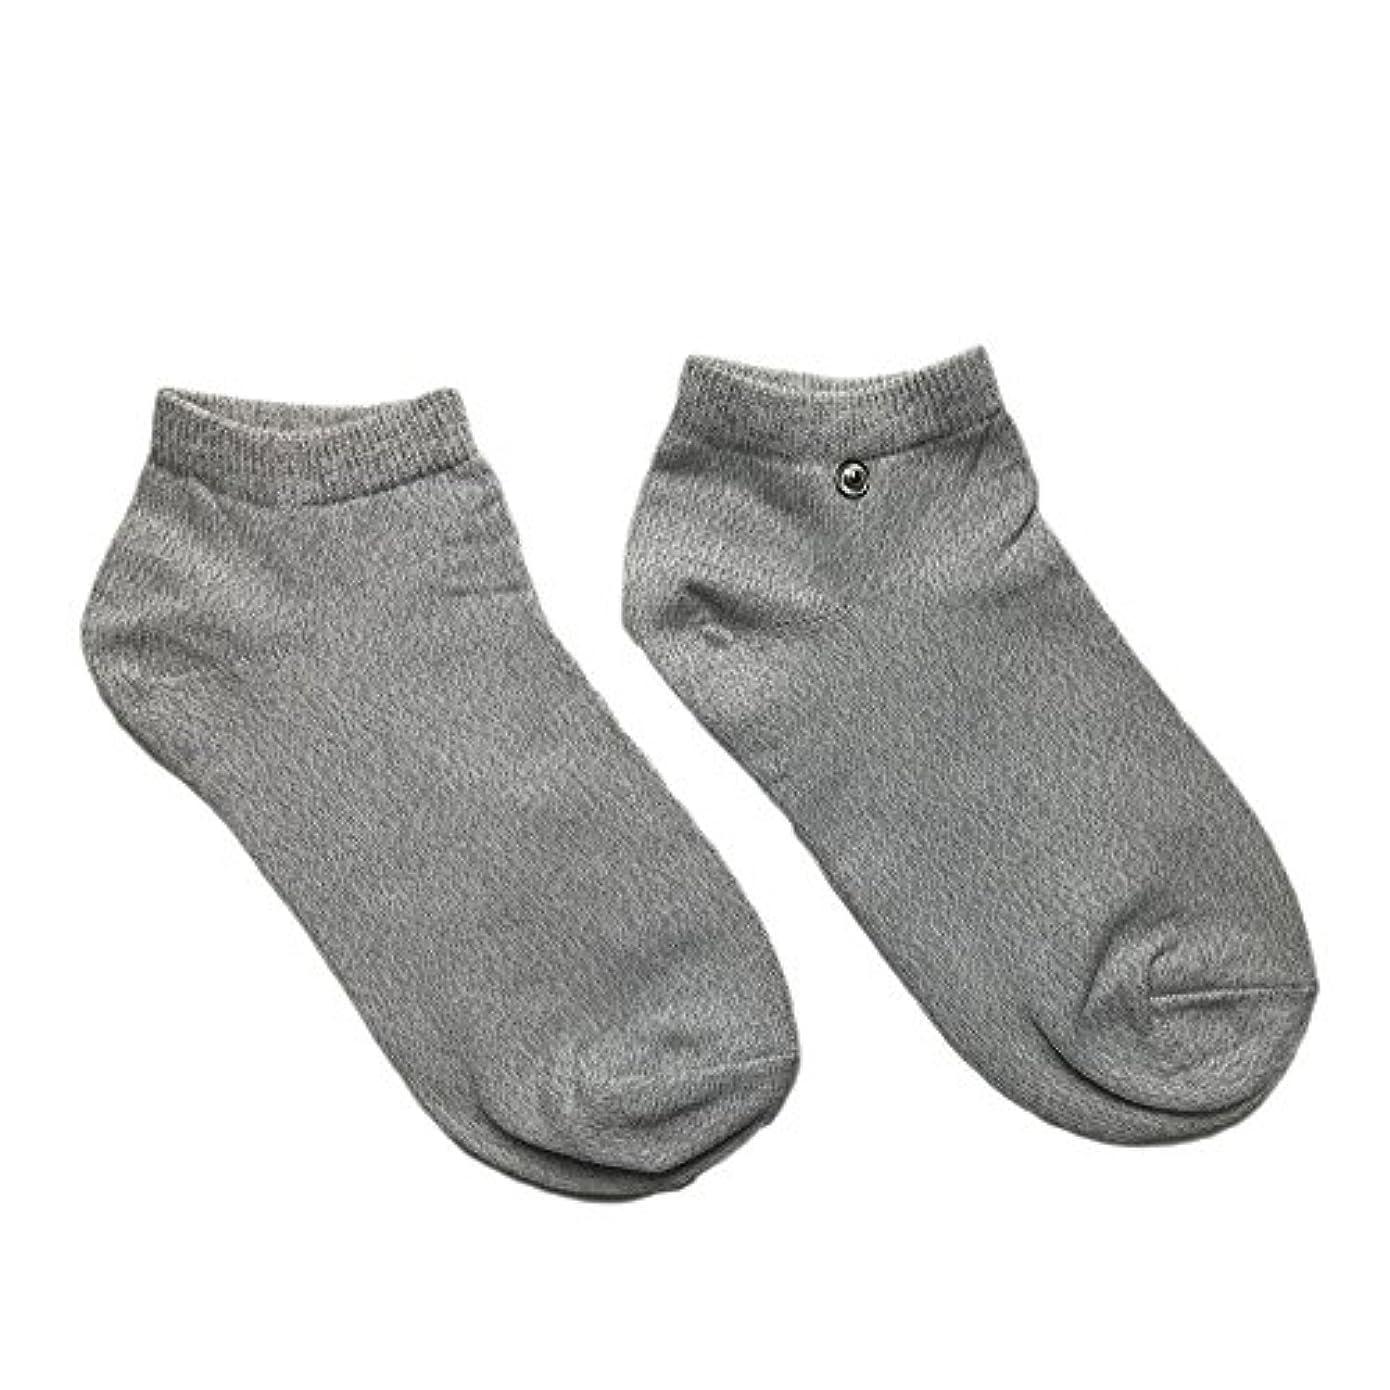 忍耐加速する荒涼としたriraku-life(??????) 大地と繋がるアーシング健康法用 アーシングソックス(low) 導電性靴下 (M)